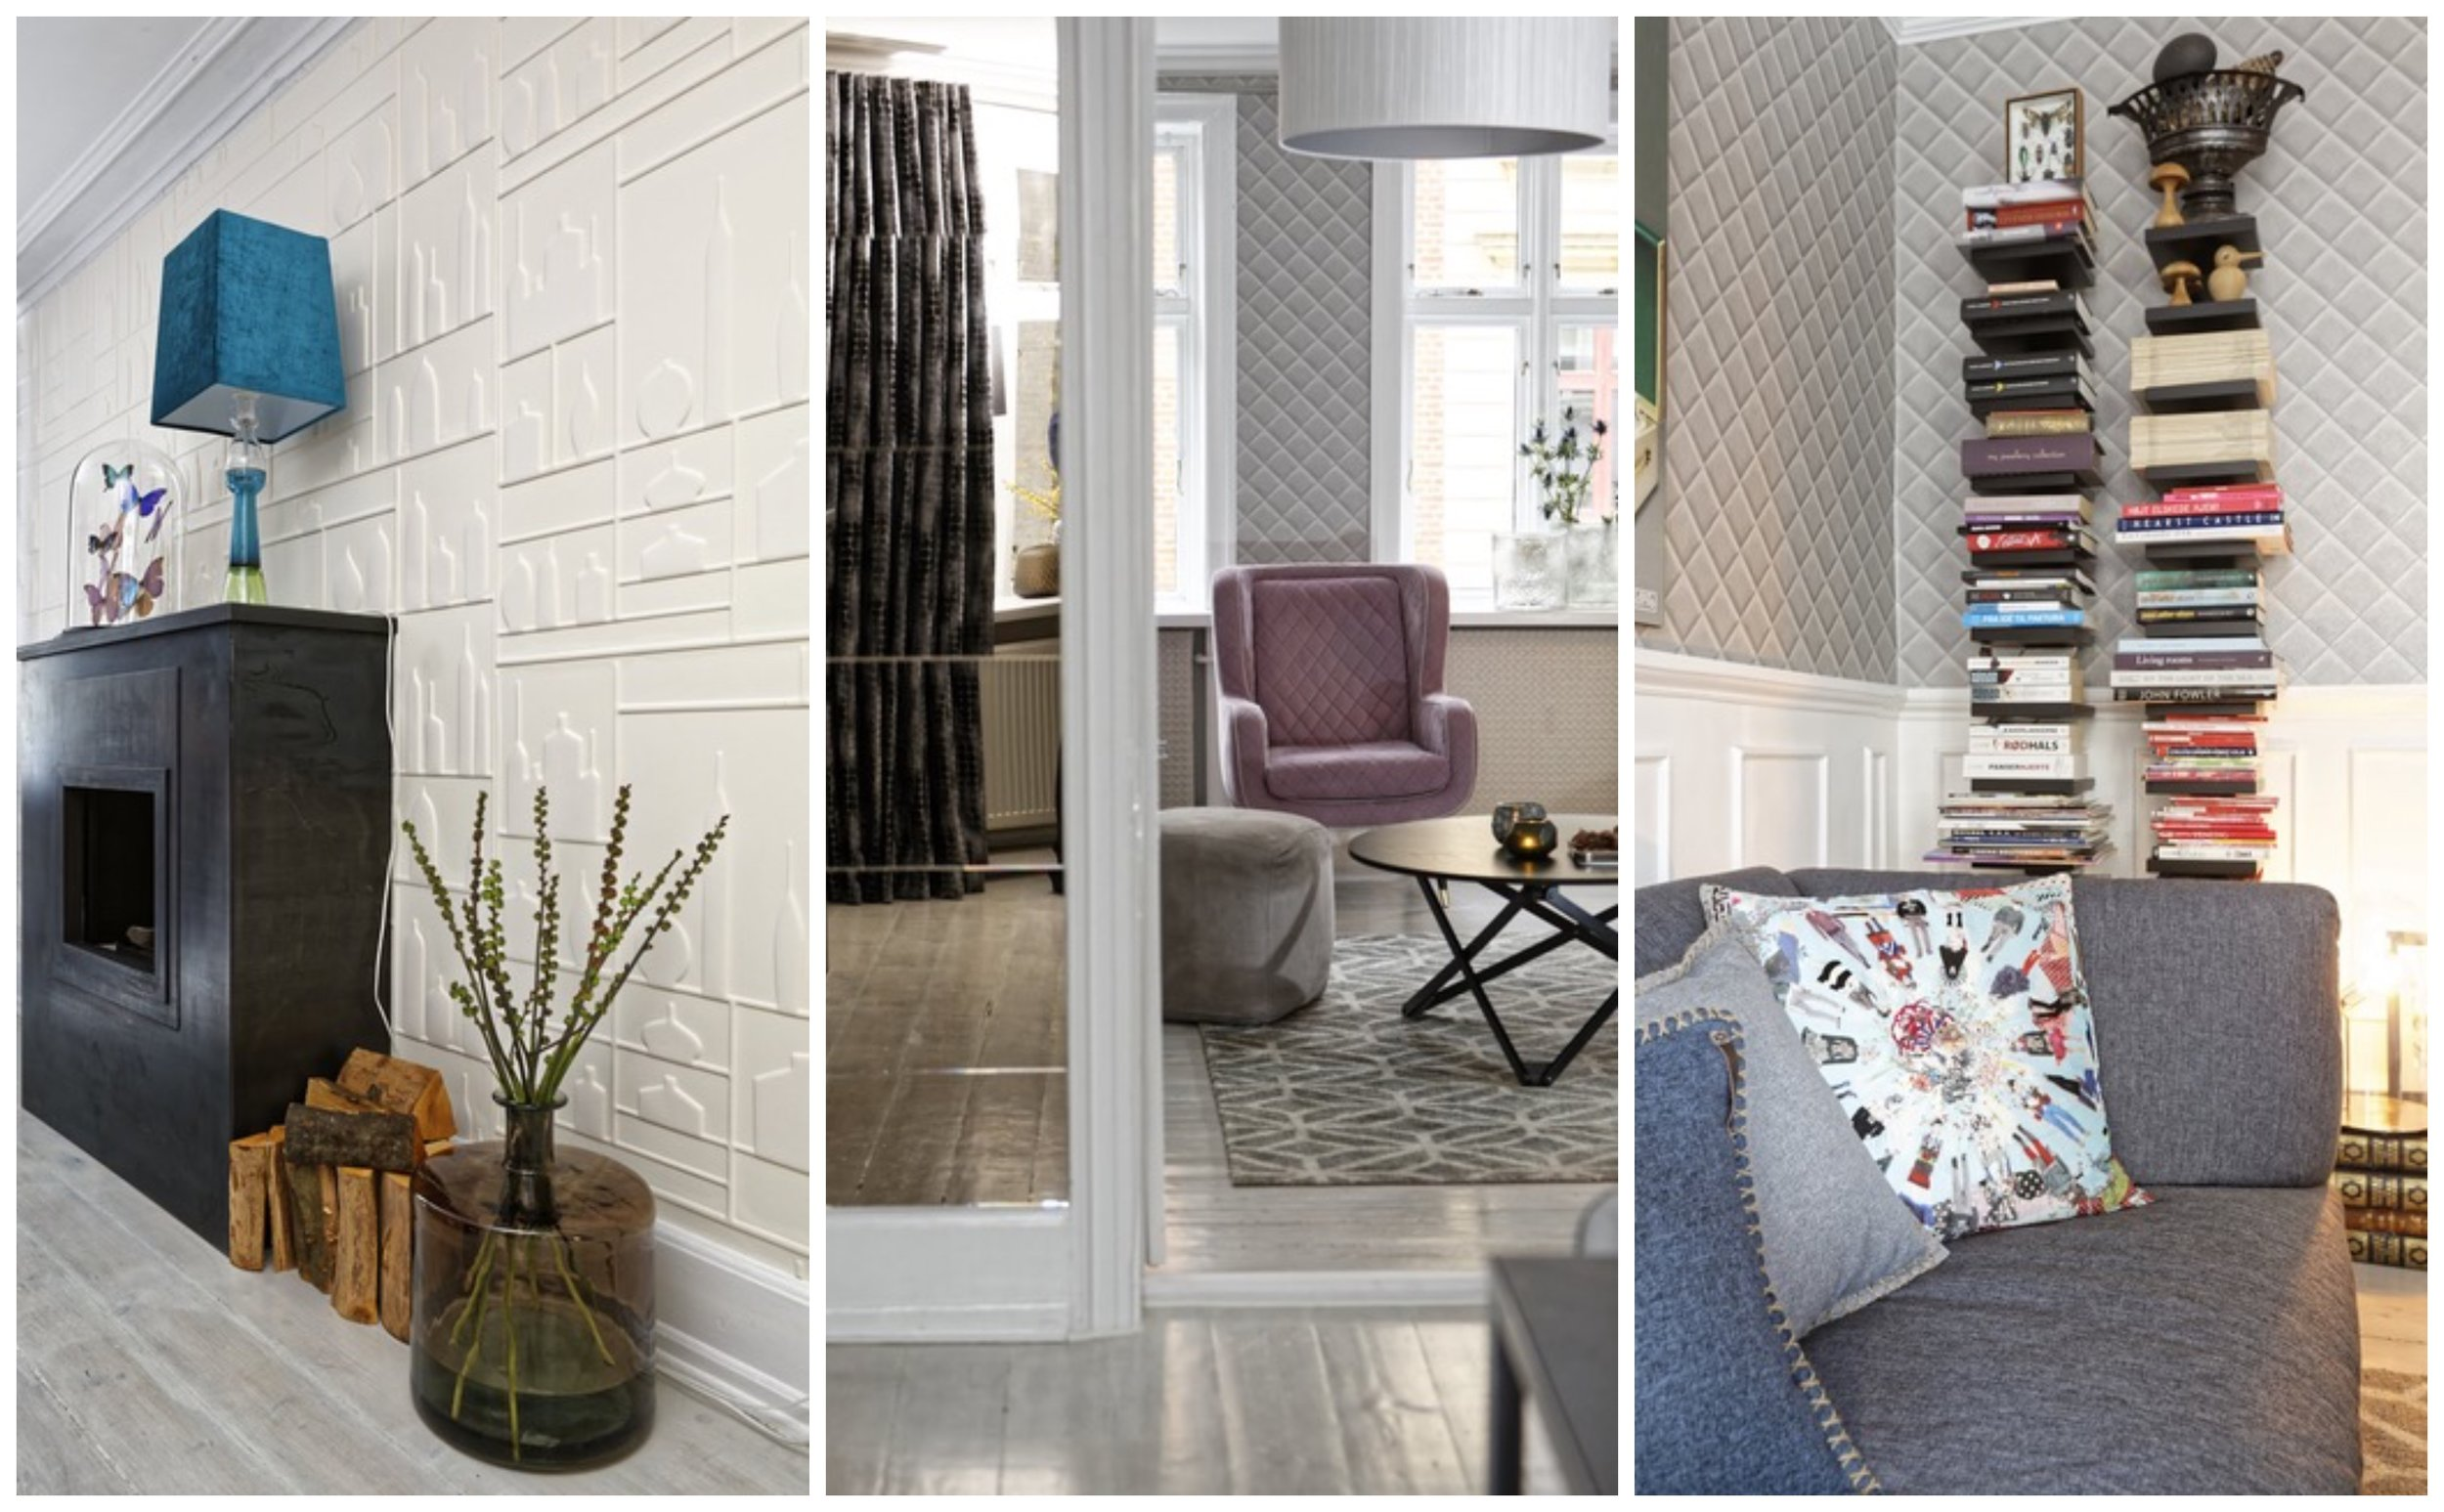 Foto: Boelskifte Interiør & Design